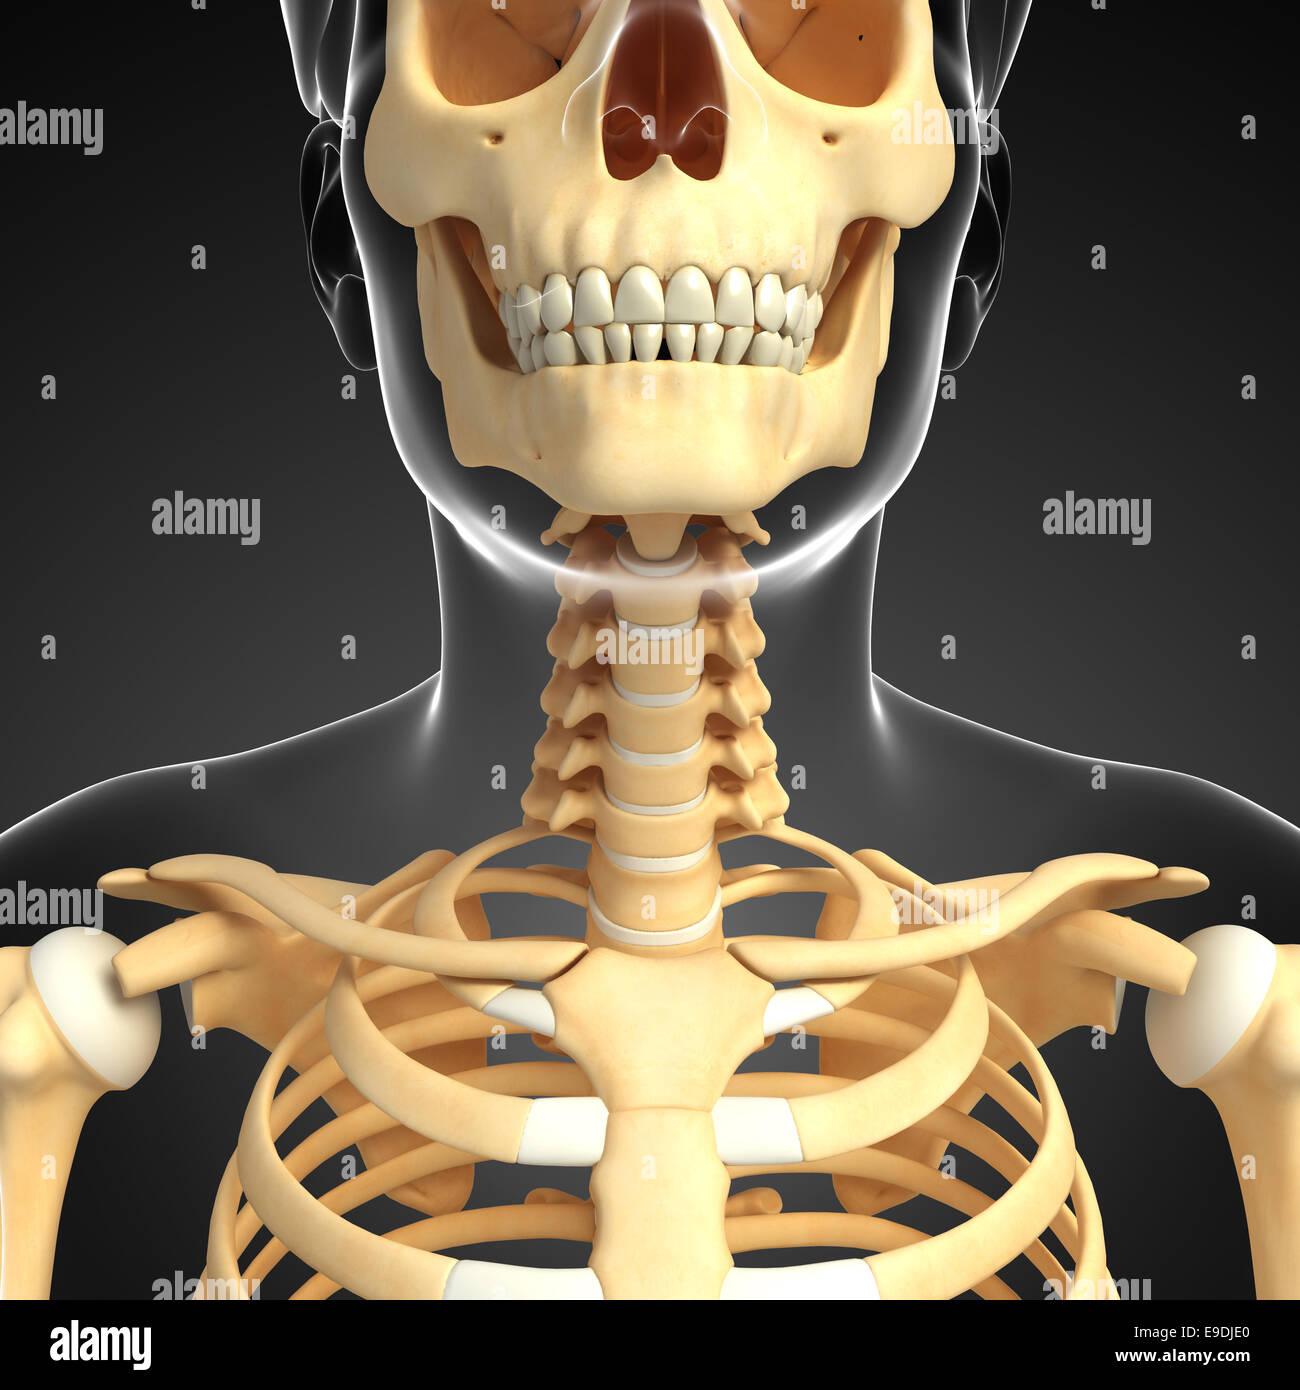 Großzügig Skelett System Unmarkierte Galerie - Menschliche Anatomie ...